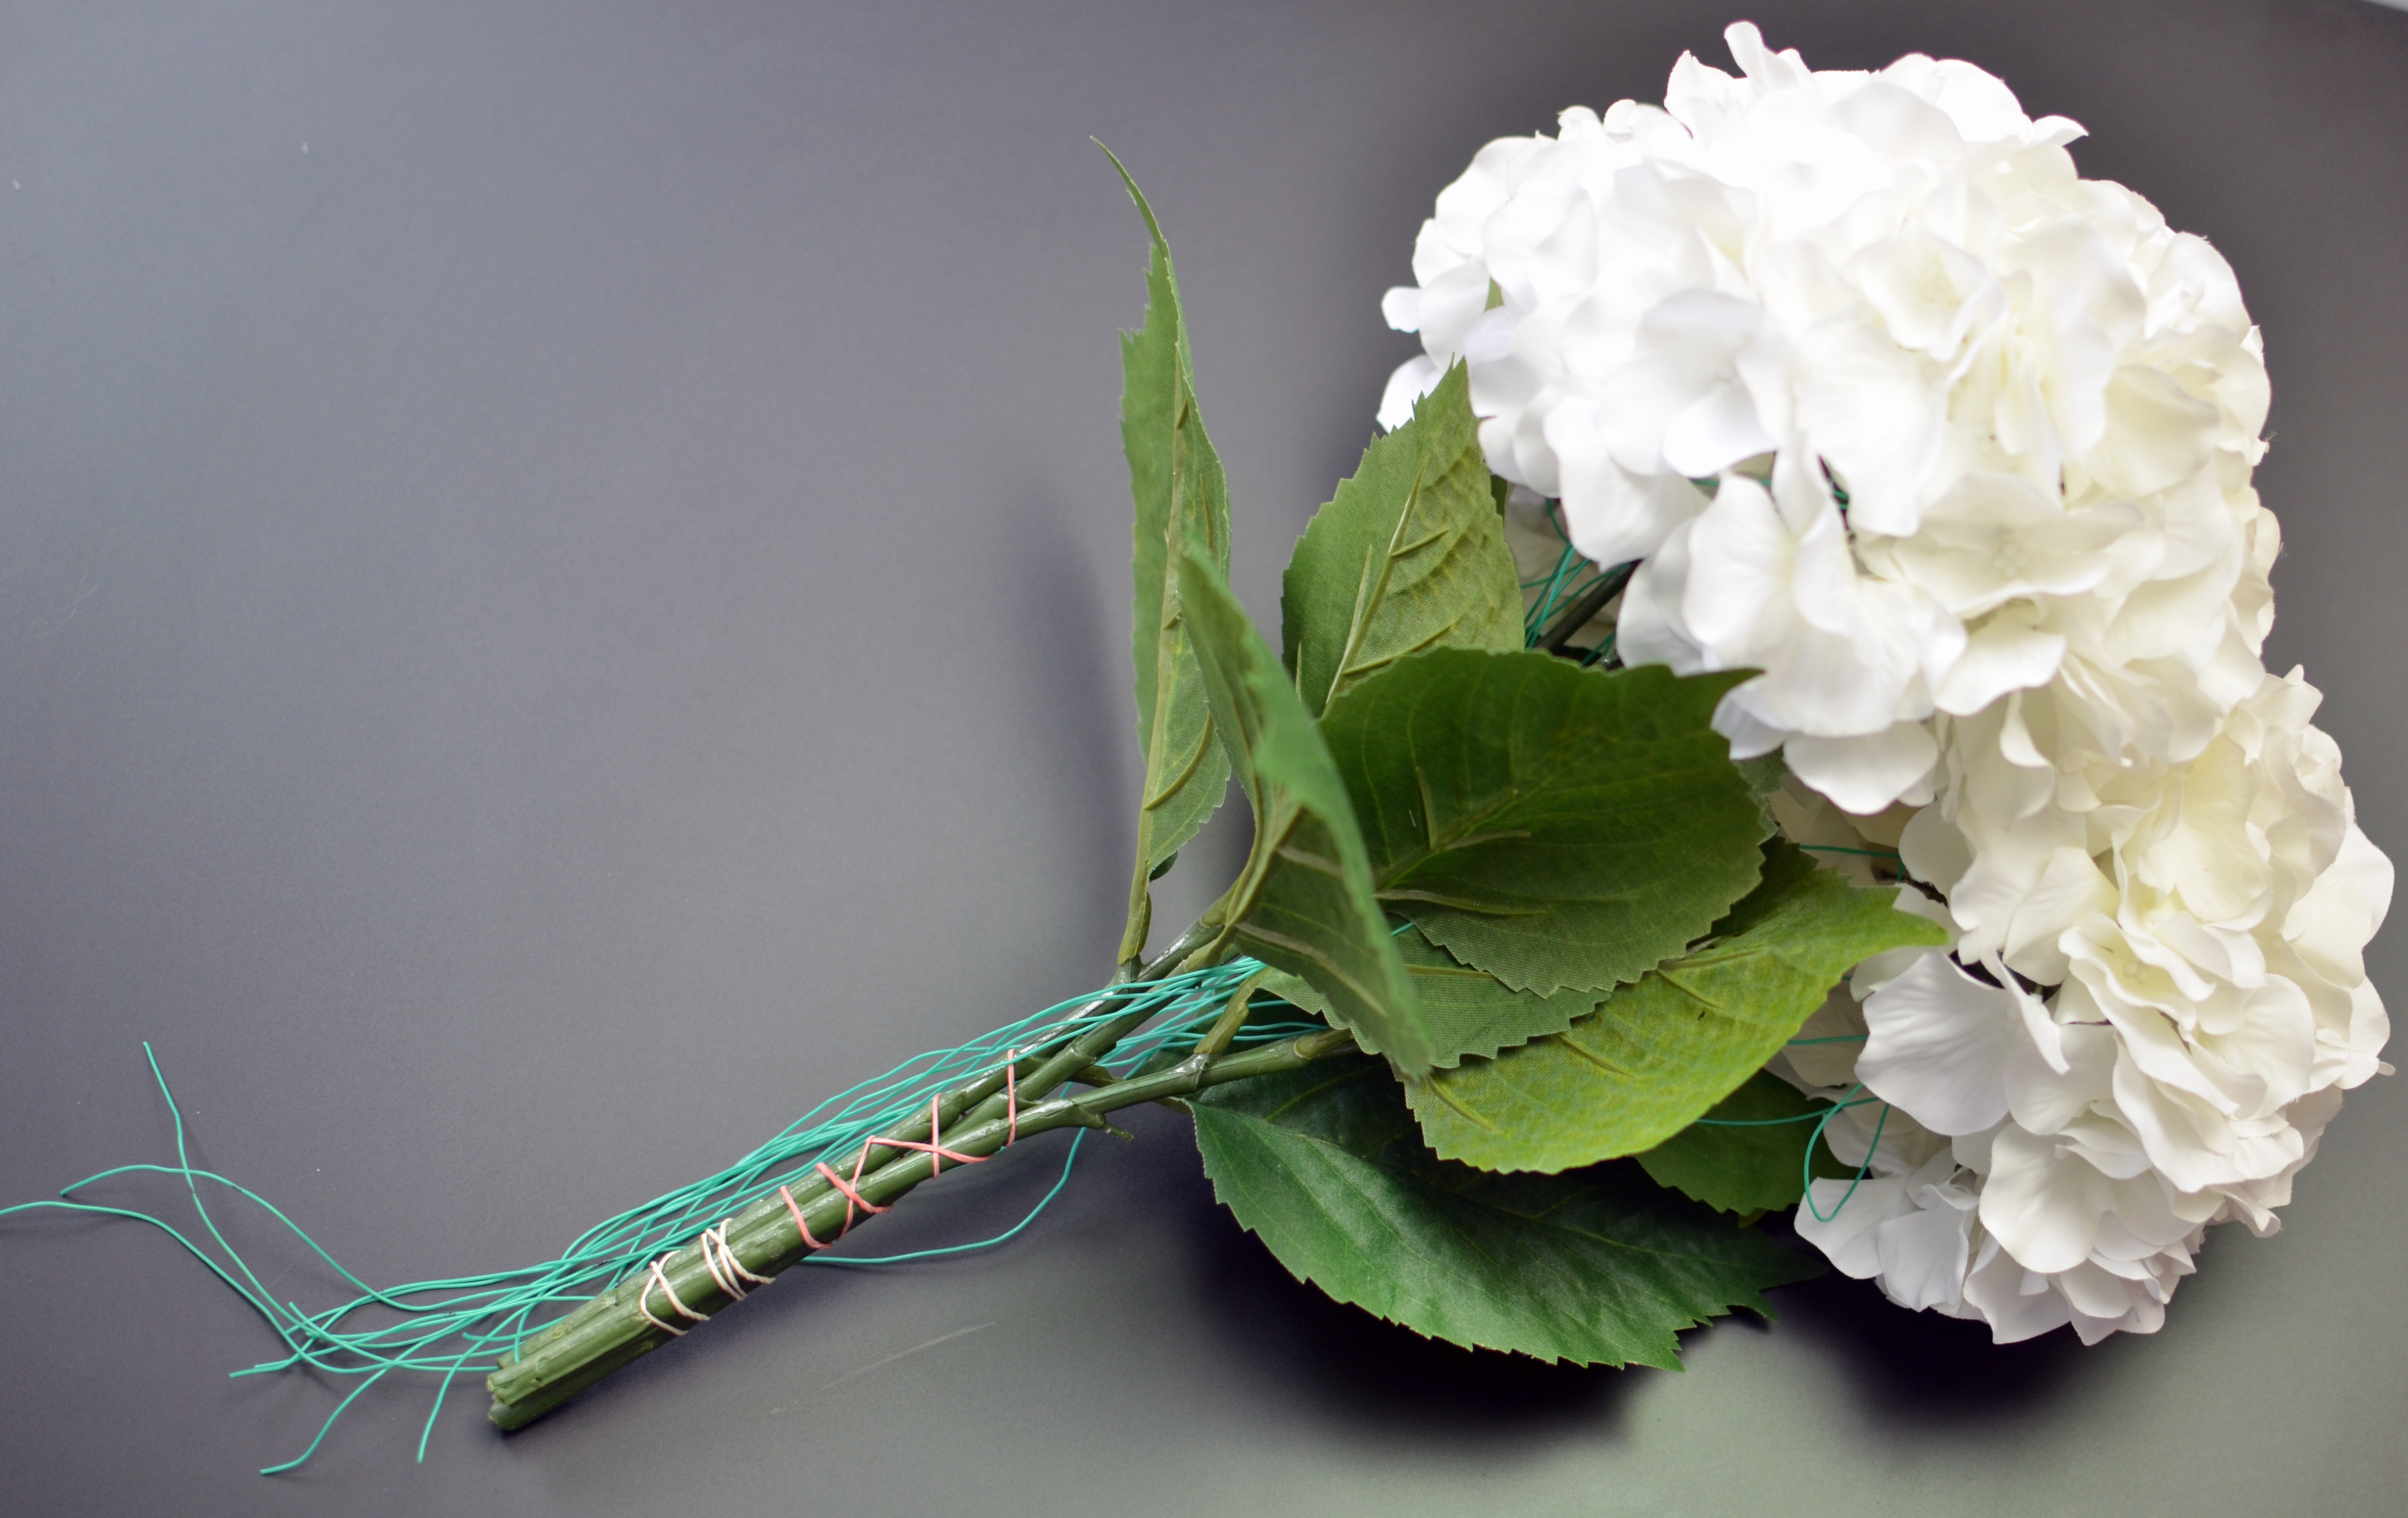 leds_led-flowers-04.jpg